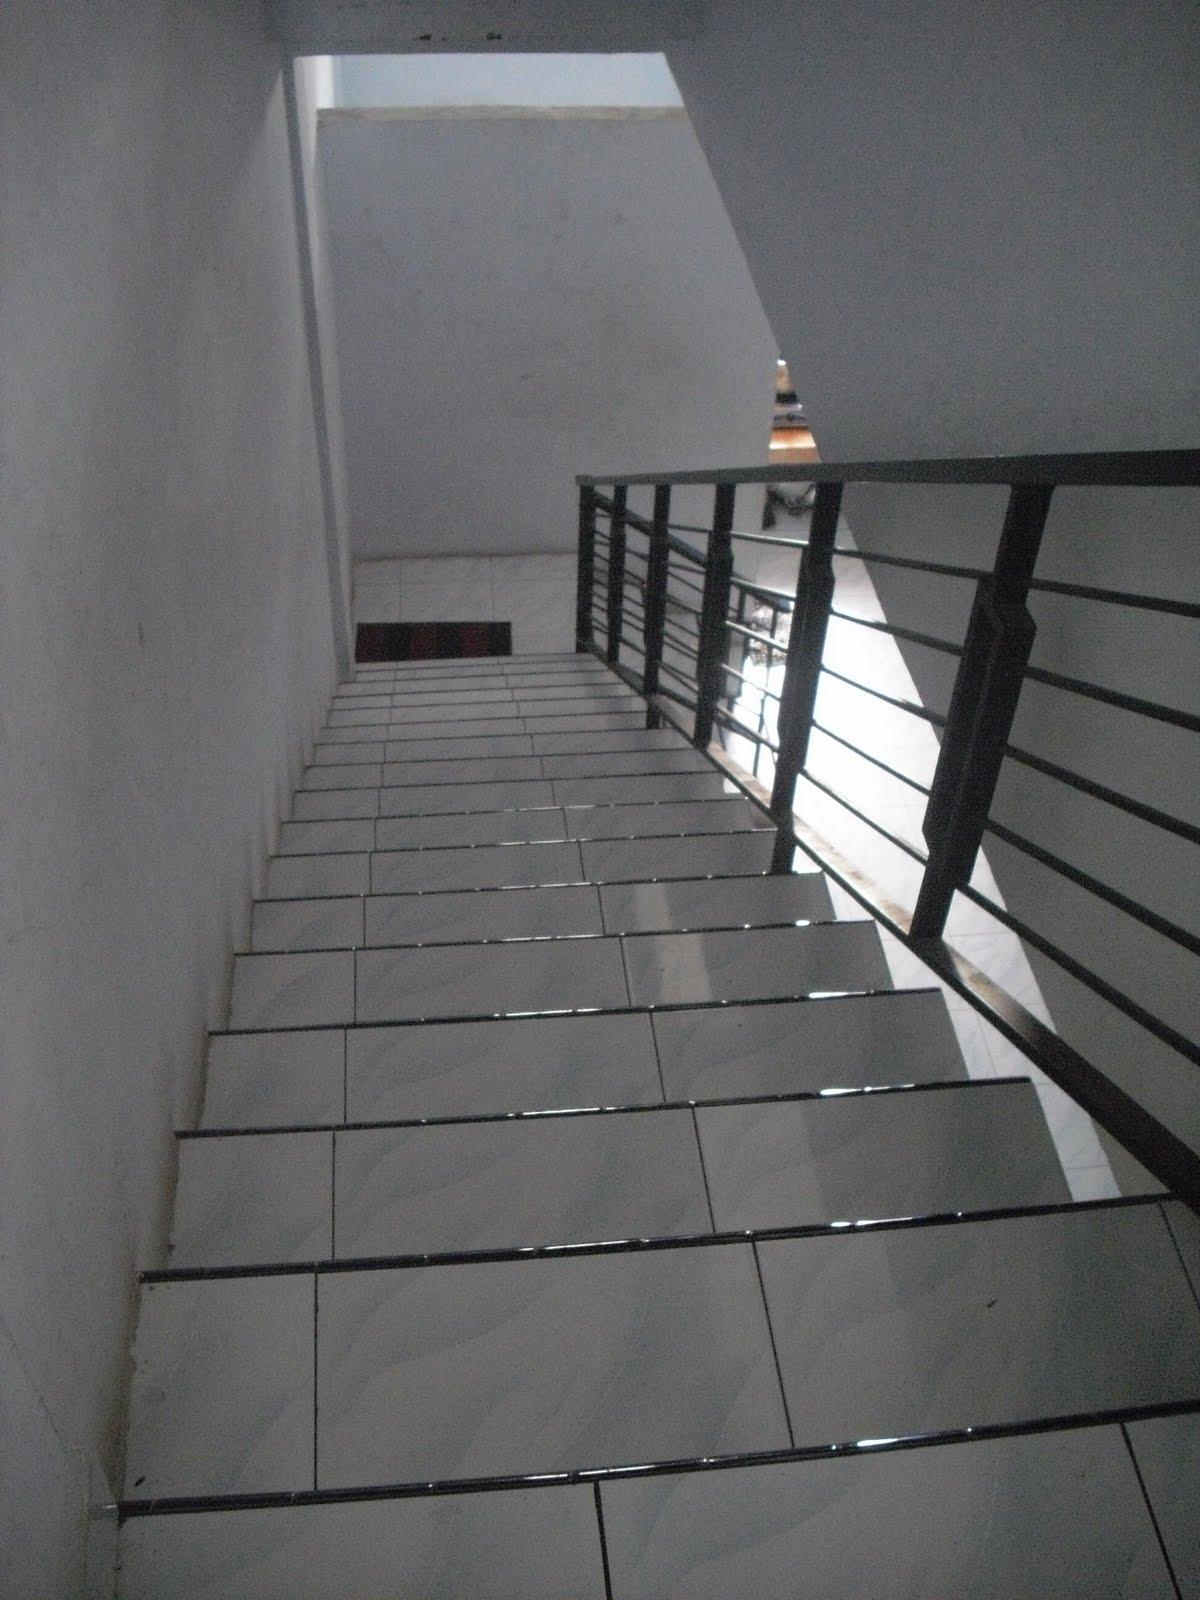 hendroproperty.com - jual rumah, ruko, tanah di Medan